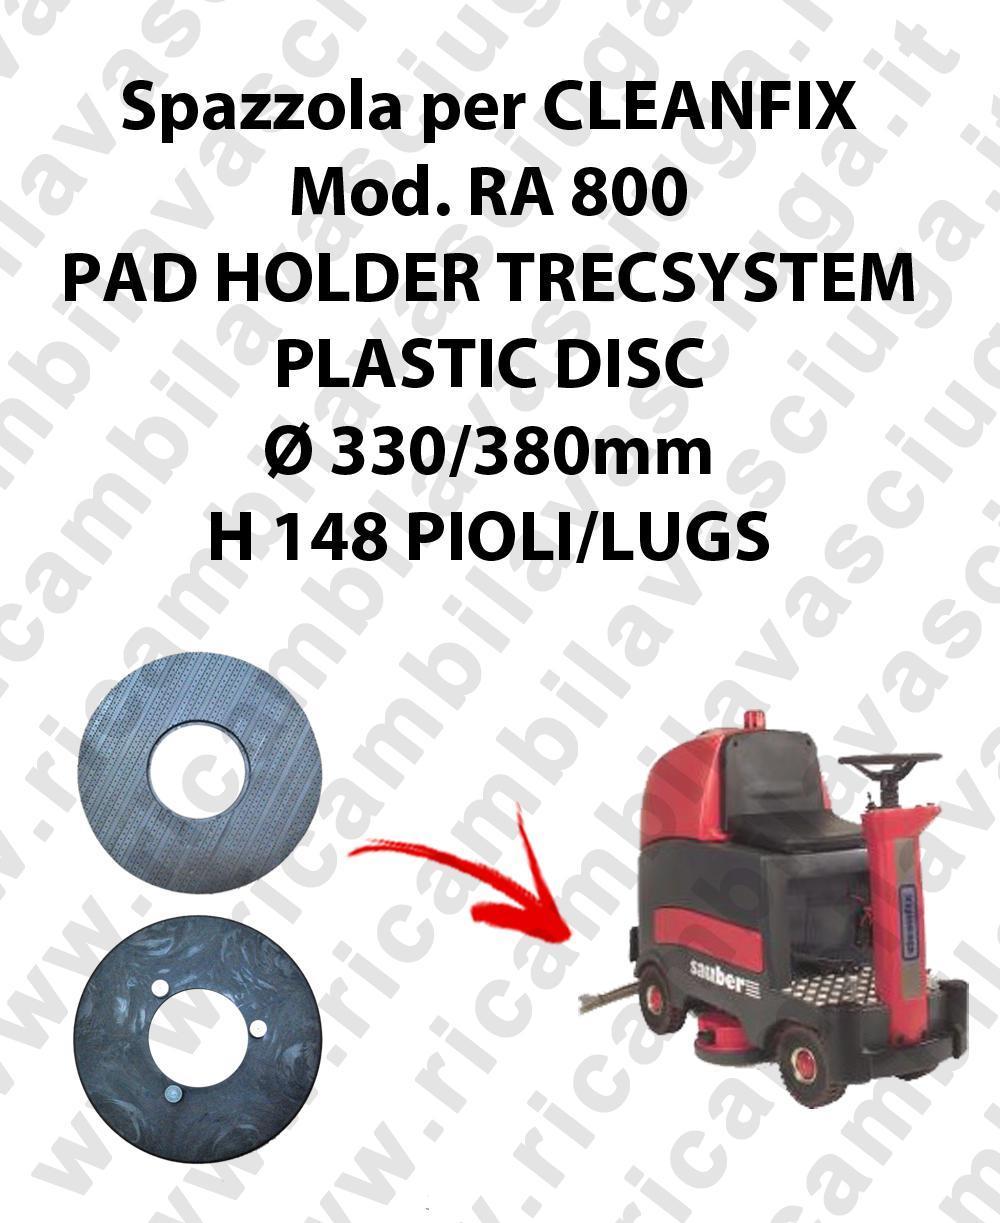 PAD HOLDER TRECSYSTEM  para fregadora CLEANFIX modelo RA 800